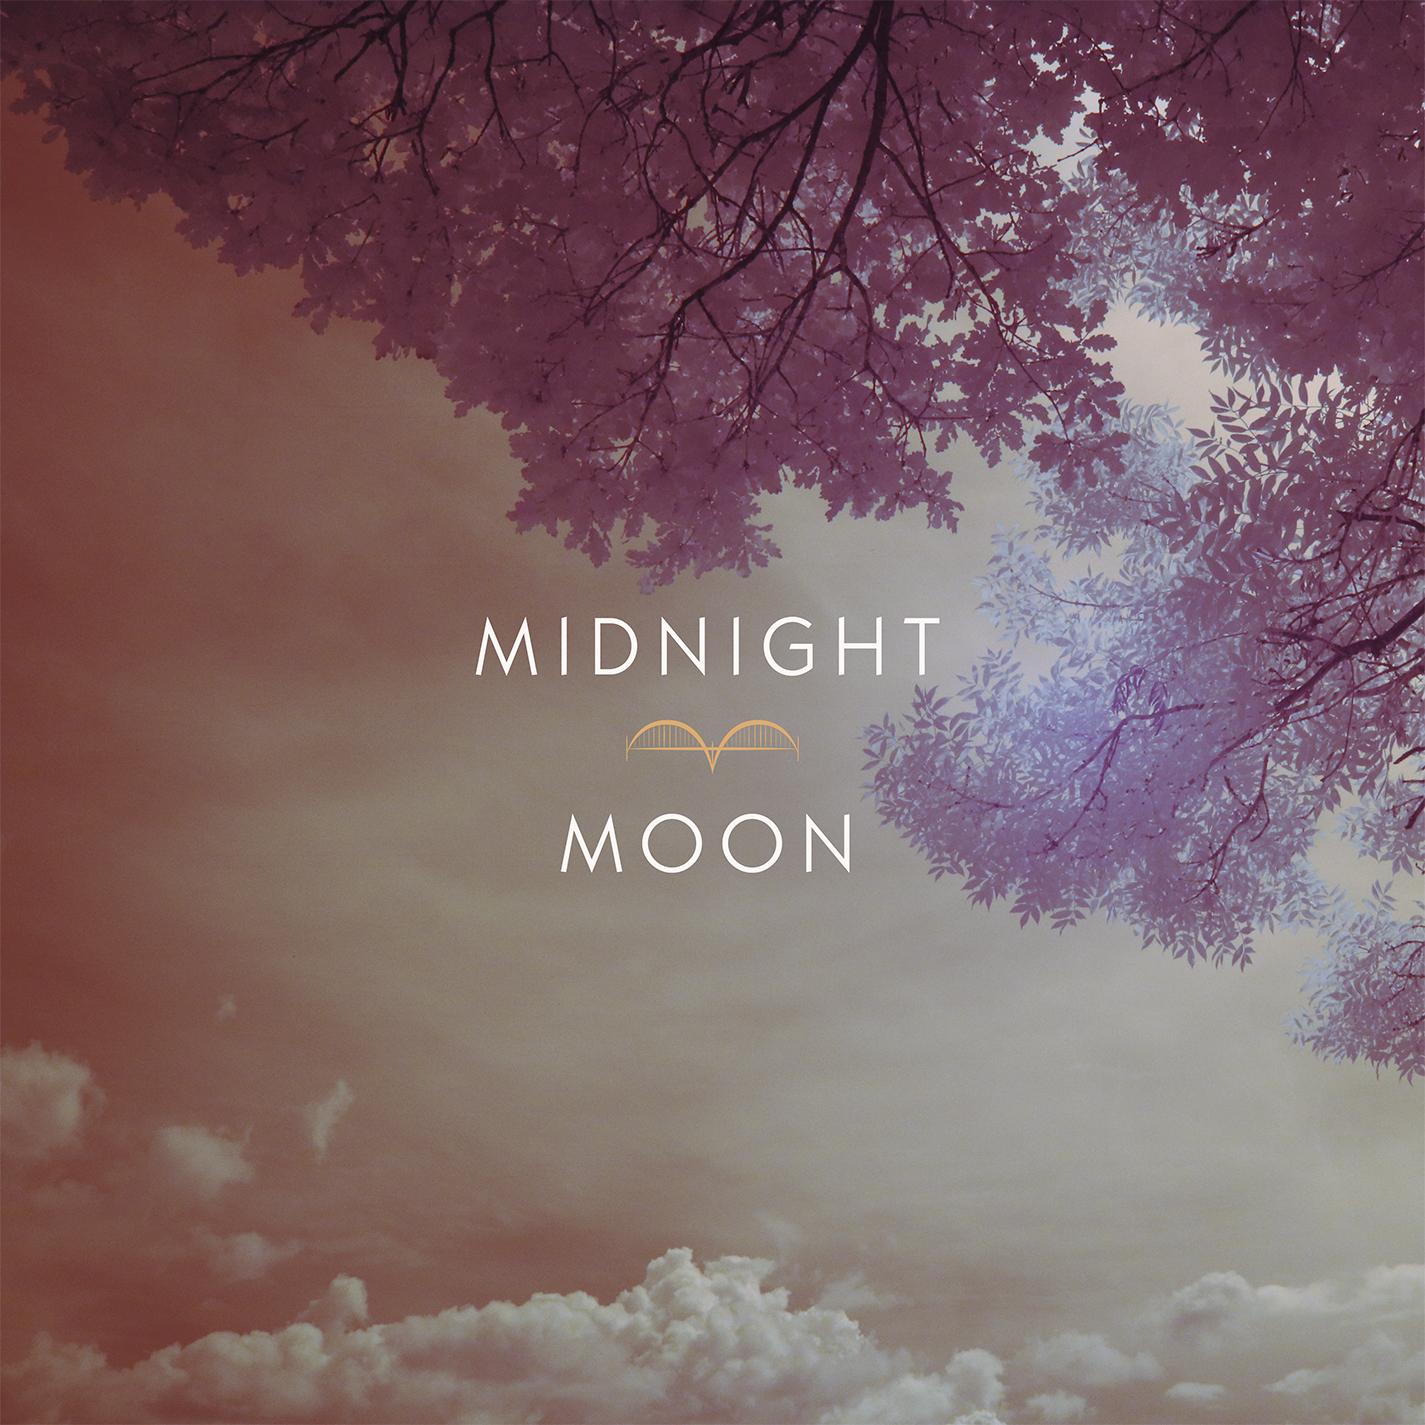 Midnight Moon - Various Artists